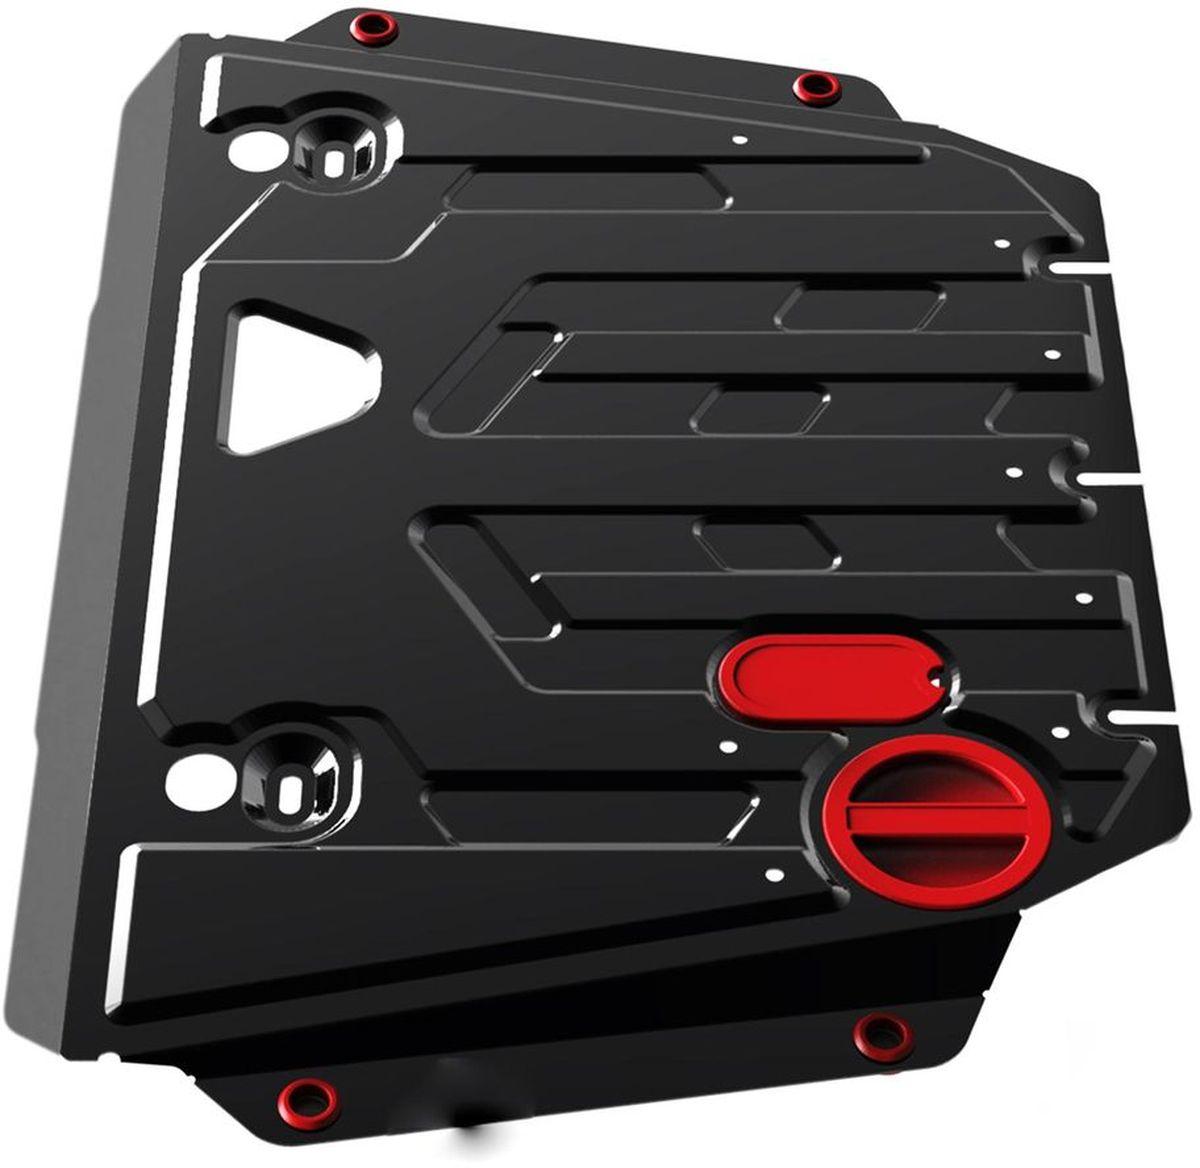 Защита картера и КПП Автоброня, для Fiat Grande Punto V - 1,4 (2006-)1.01703.1Технологически совершенный продукт за невысокую стоимость. Защита разработана с учетом особенностей днища автомобиля, что позволяет сохранить дорожный просвет с минимальным изменением. Защита устанавливается в штатные места кузова автомобиля. Глубокий штамп обеспечивает до двух раз больше жесткости в сравнении с обычной защитой той же толщины. Проштампованные ребра жесткости препятствуют деформации защиты при ударах. Тепловой зазор и вентиляционные отверстия обеспечивают сохранение температурного режима двигателя в норме. Скрытый крепеж предотвращает срыв крепежных элементов при наезде на препятствие. Шумопоглощающие резиновые элементы обеспечивают комфортную езду без вибраций и скрежета металла, а съемные лючки для слива масла и замены фильтра - экономию средств и время. Конструкция изделия не влияет на пассивную безопасность автомобиля (при ударе защита не воздействует на деформационные зоны кузова). Со штатным крепежом. В комплекте инструкция по установке....